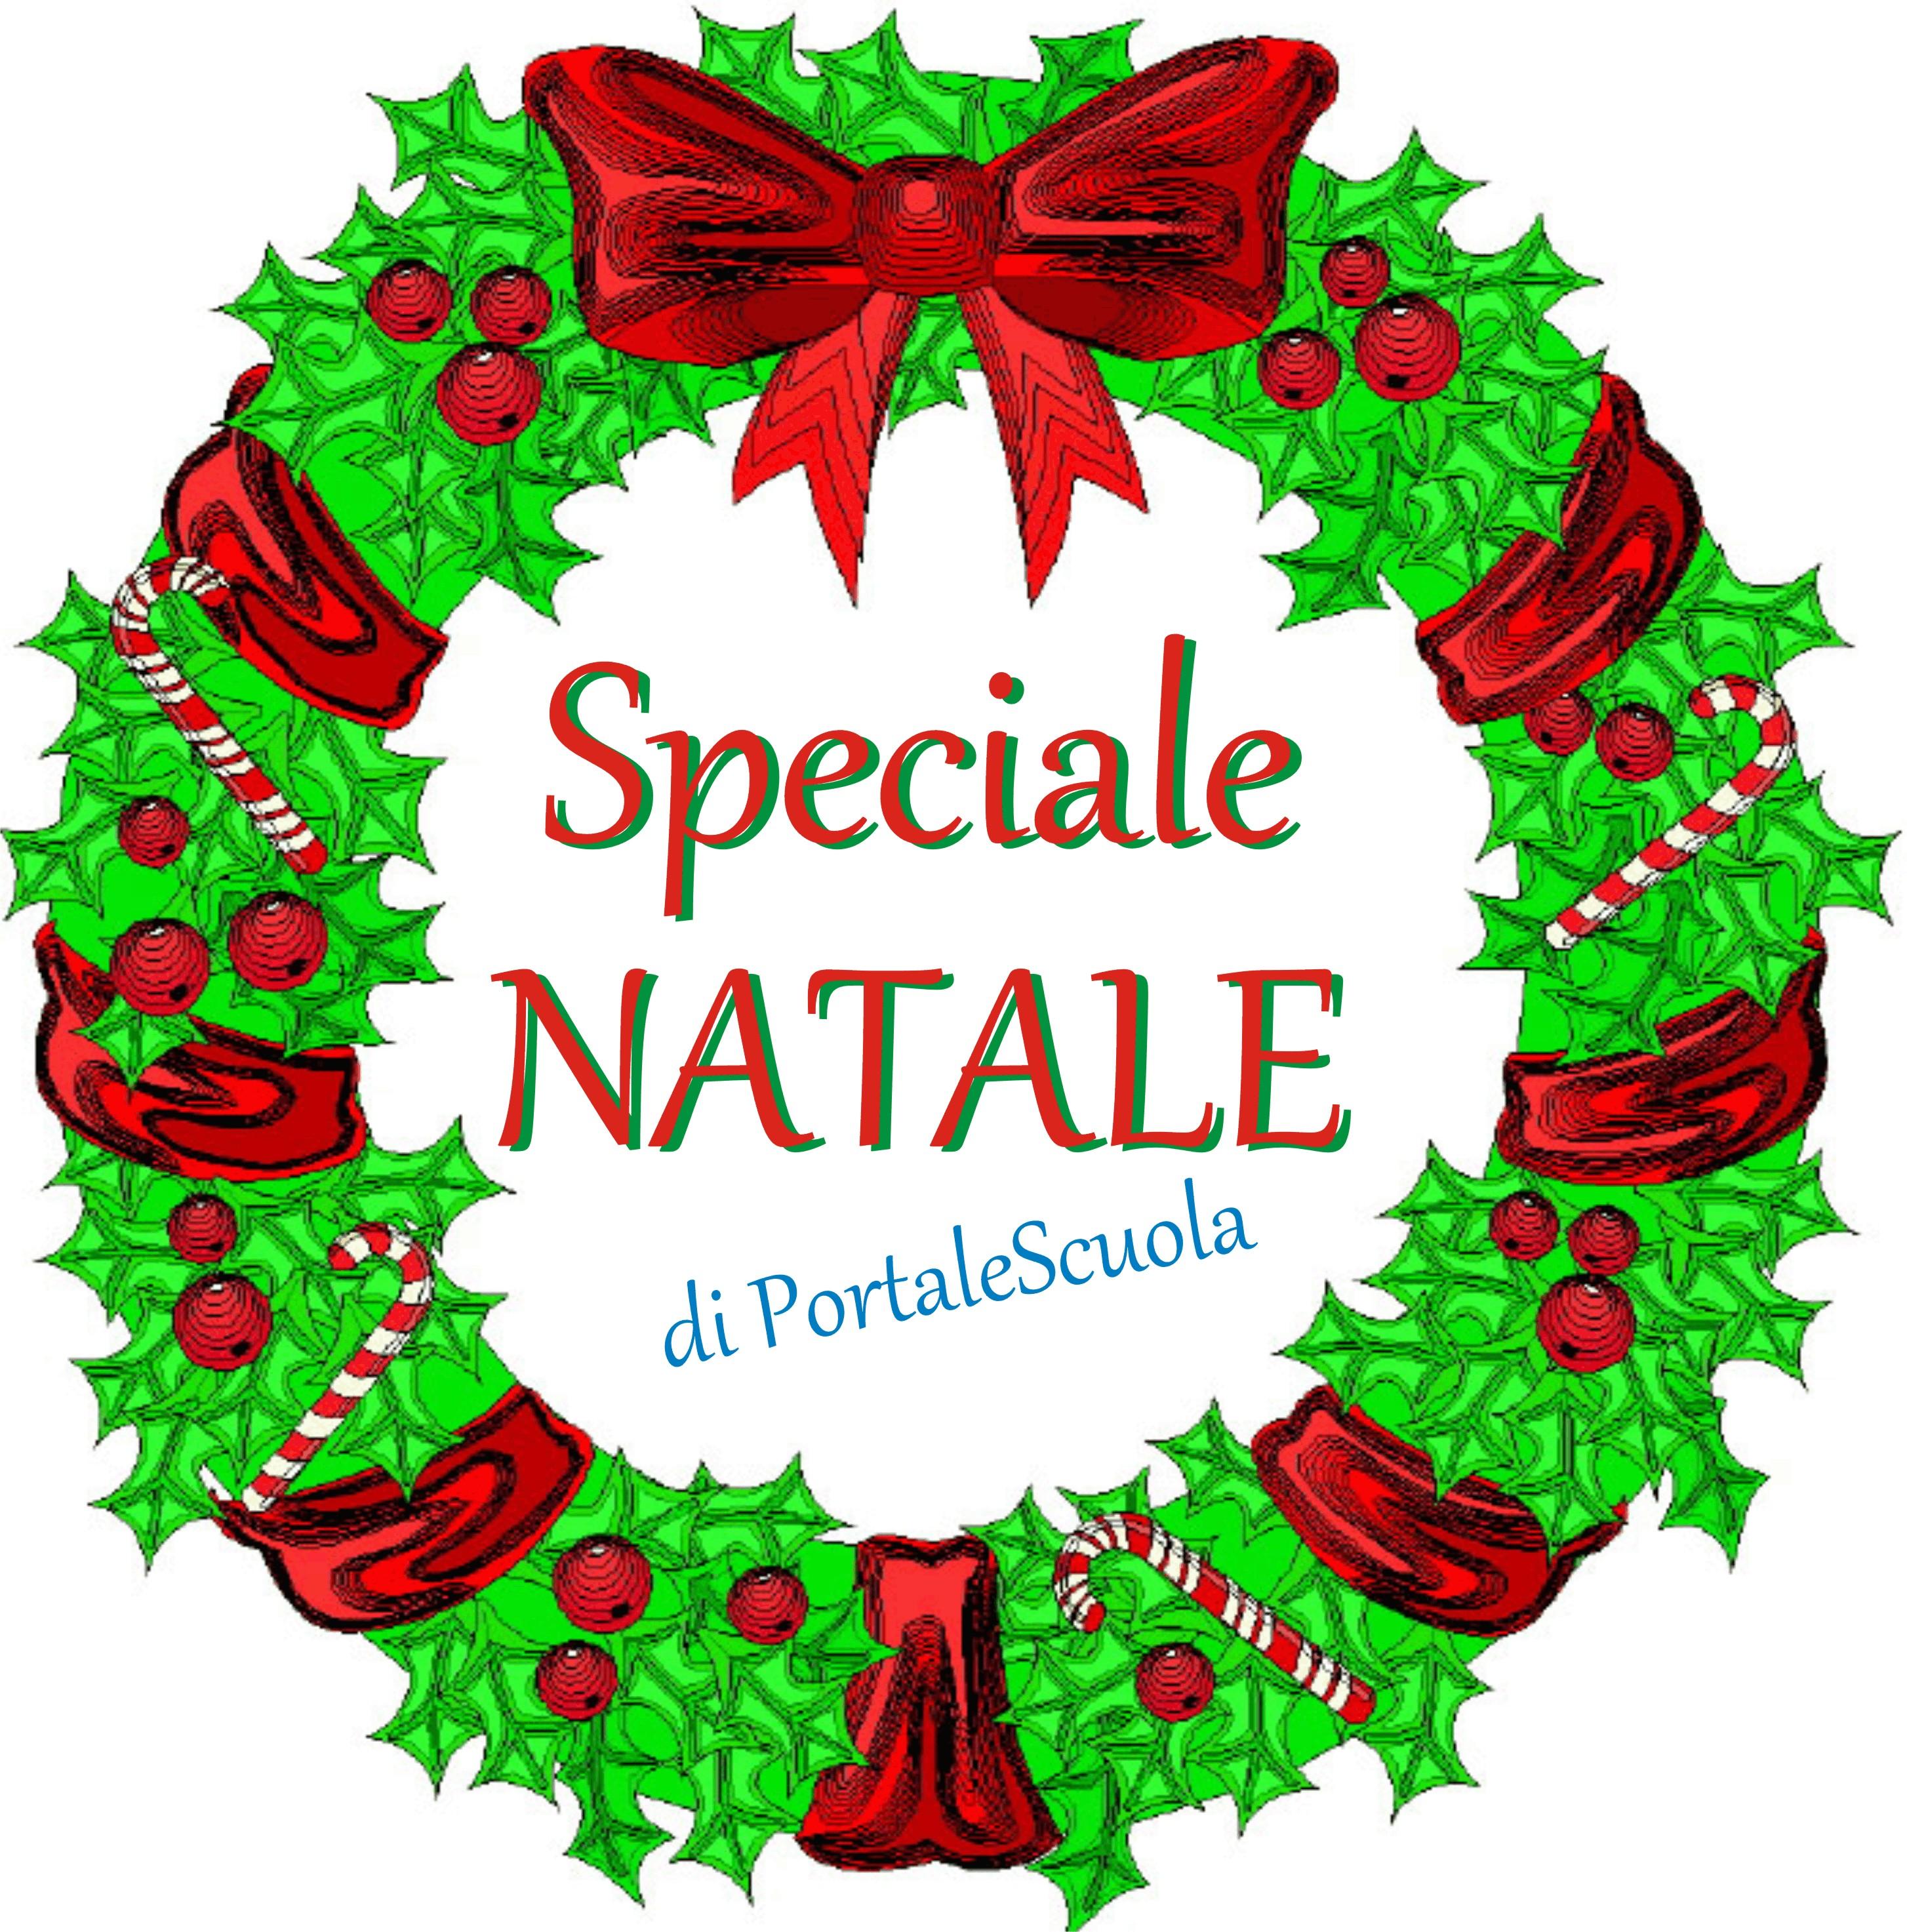 Speciale natale 2011 for Lavoretti di natale maestra mary